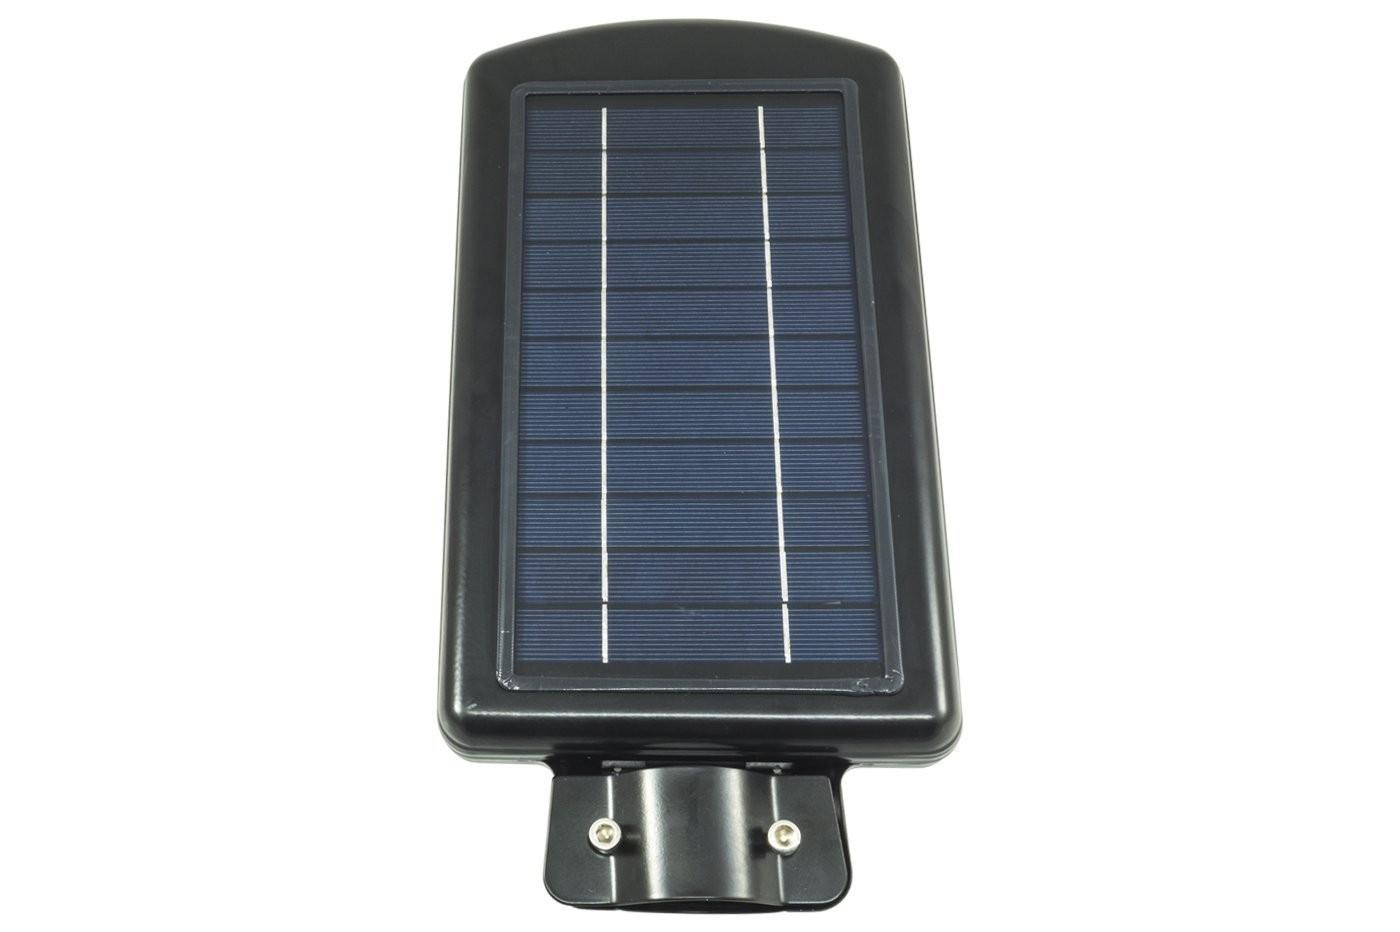 LAMPIONE-STRADALE-30W-FARO-FARETTO-AD-ENERGIA-SOLARE-A-LED-FOTOVOLTAICO-LUCE-LED miniatura 3